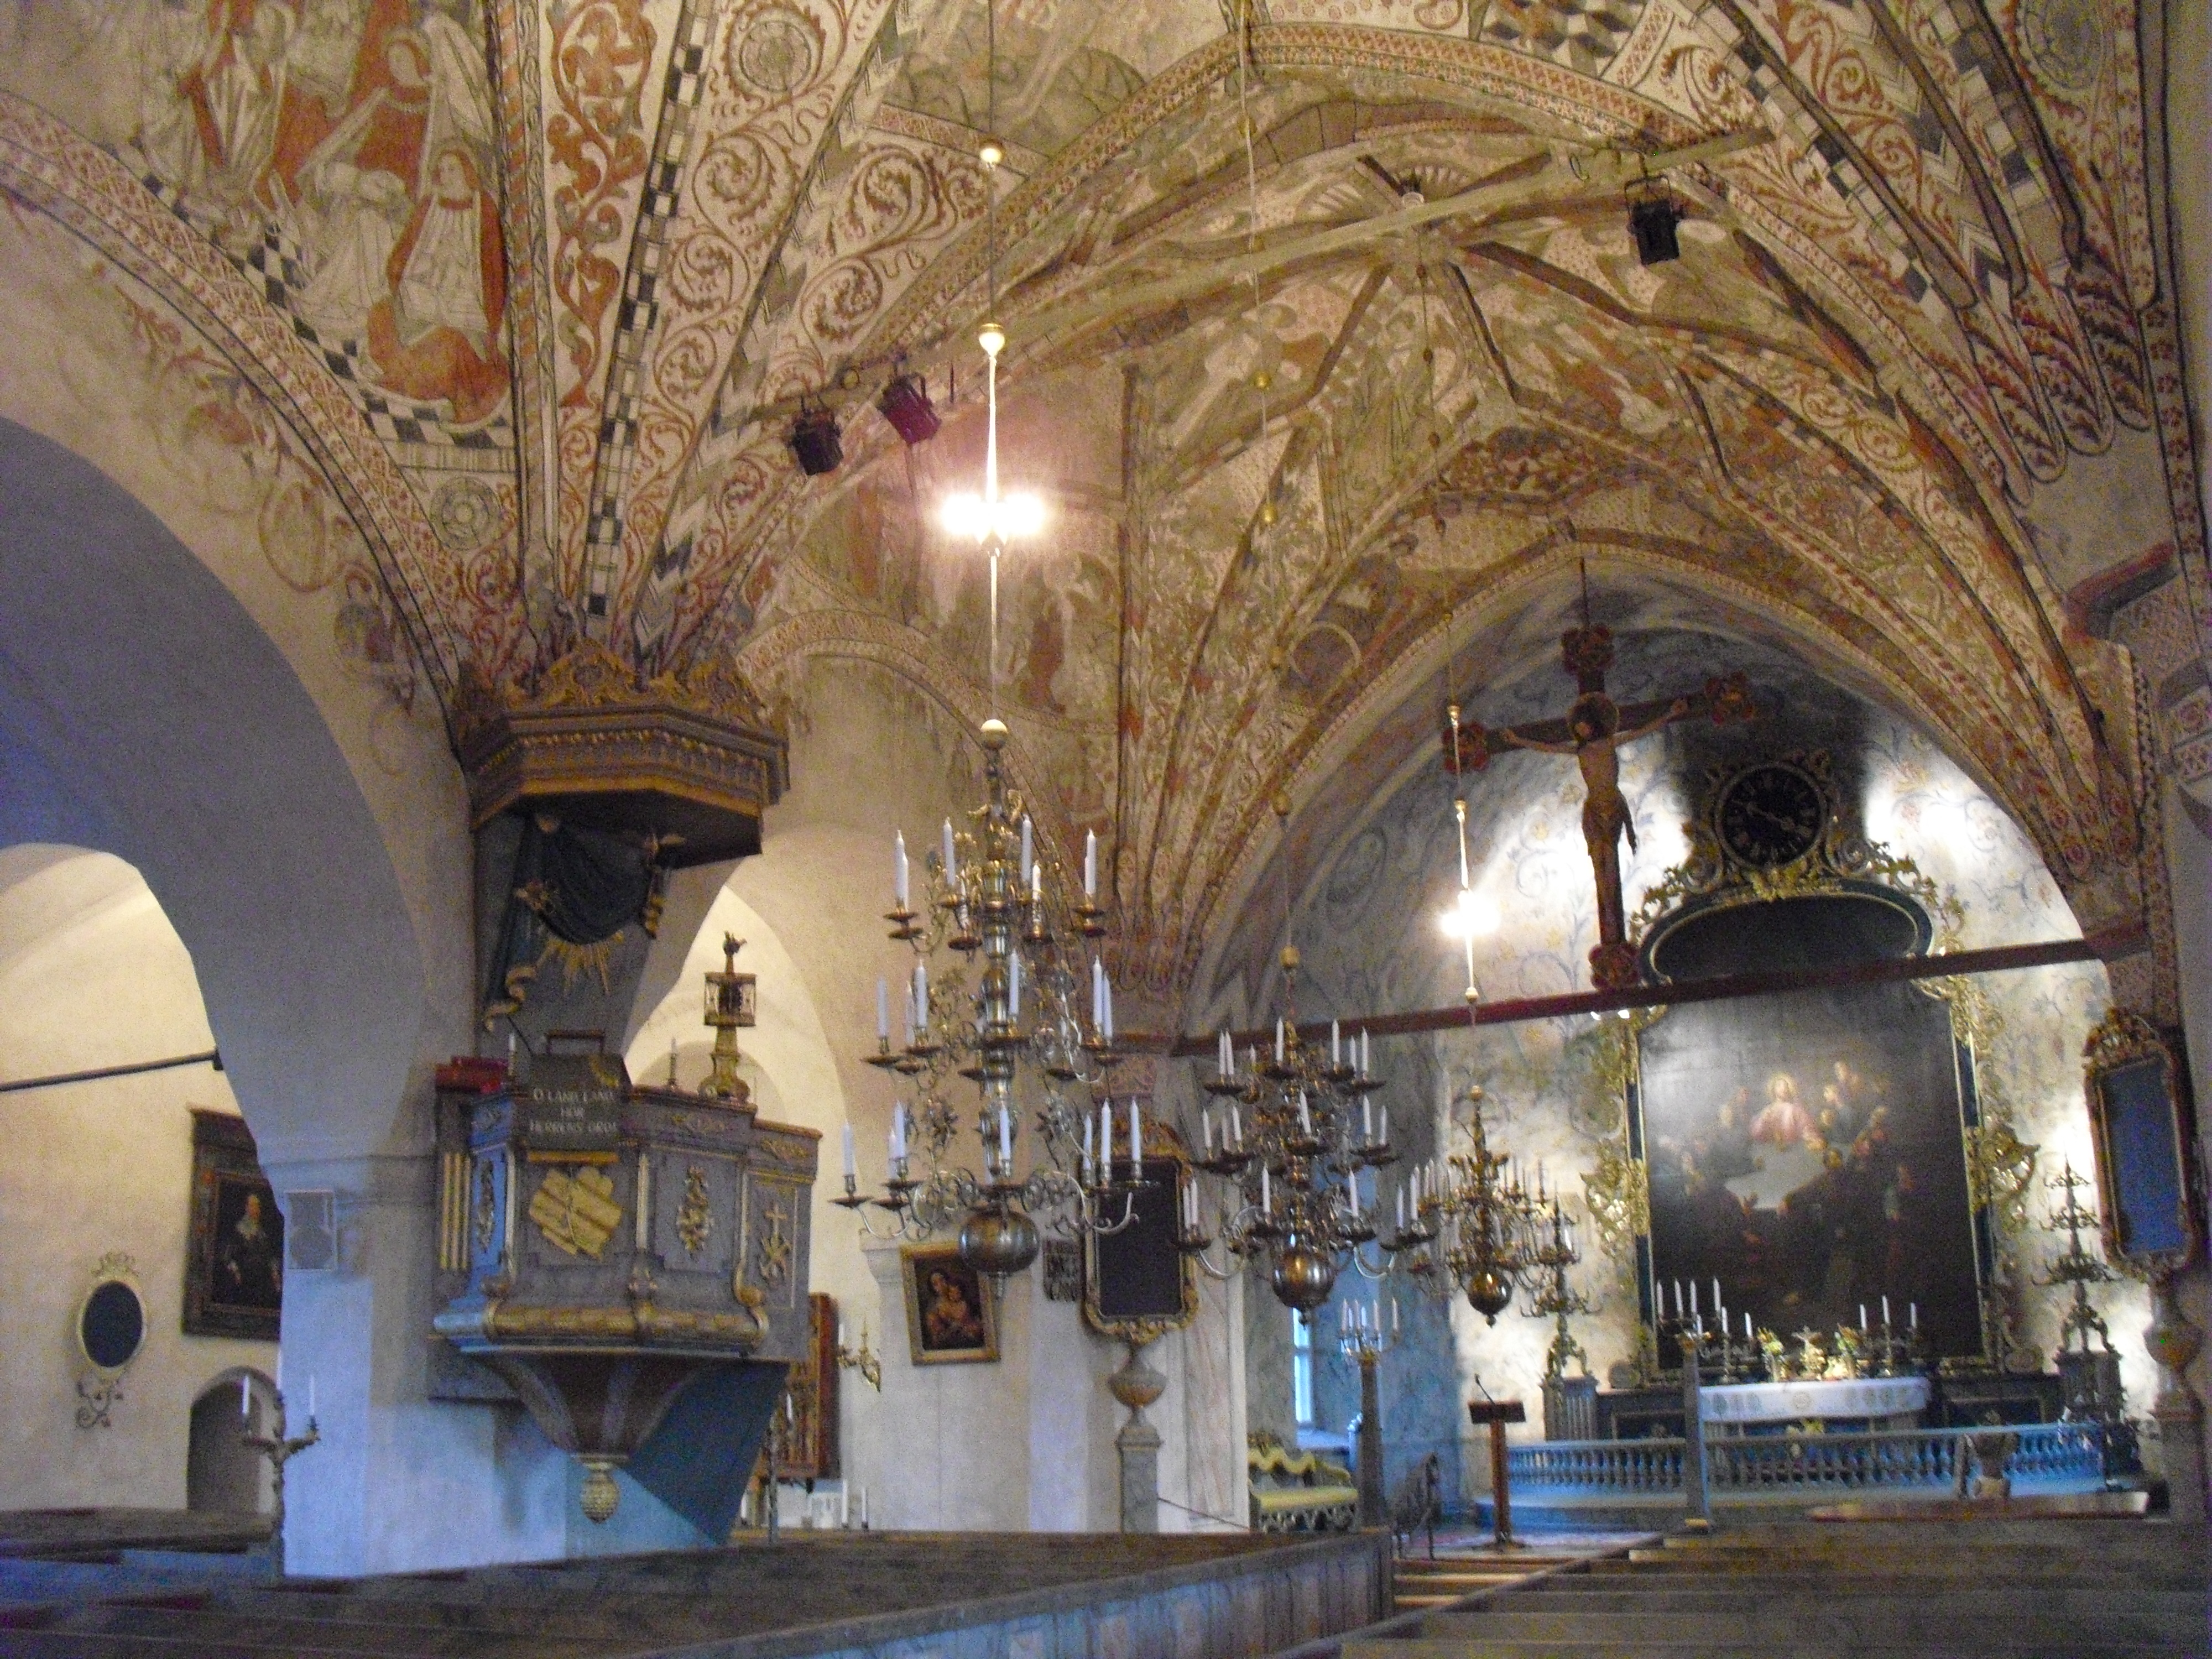 Den mellersta ljuskronan skänkt av Jöns Olofsson och Anna Bergia 1700.